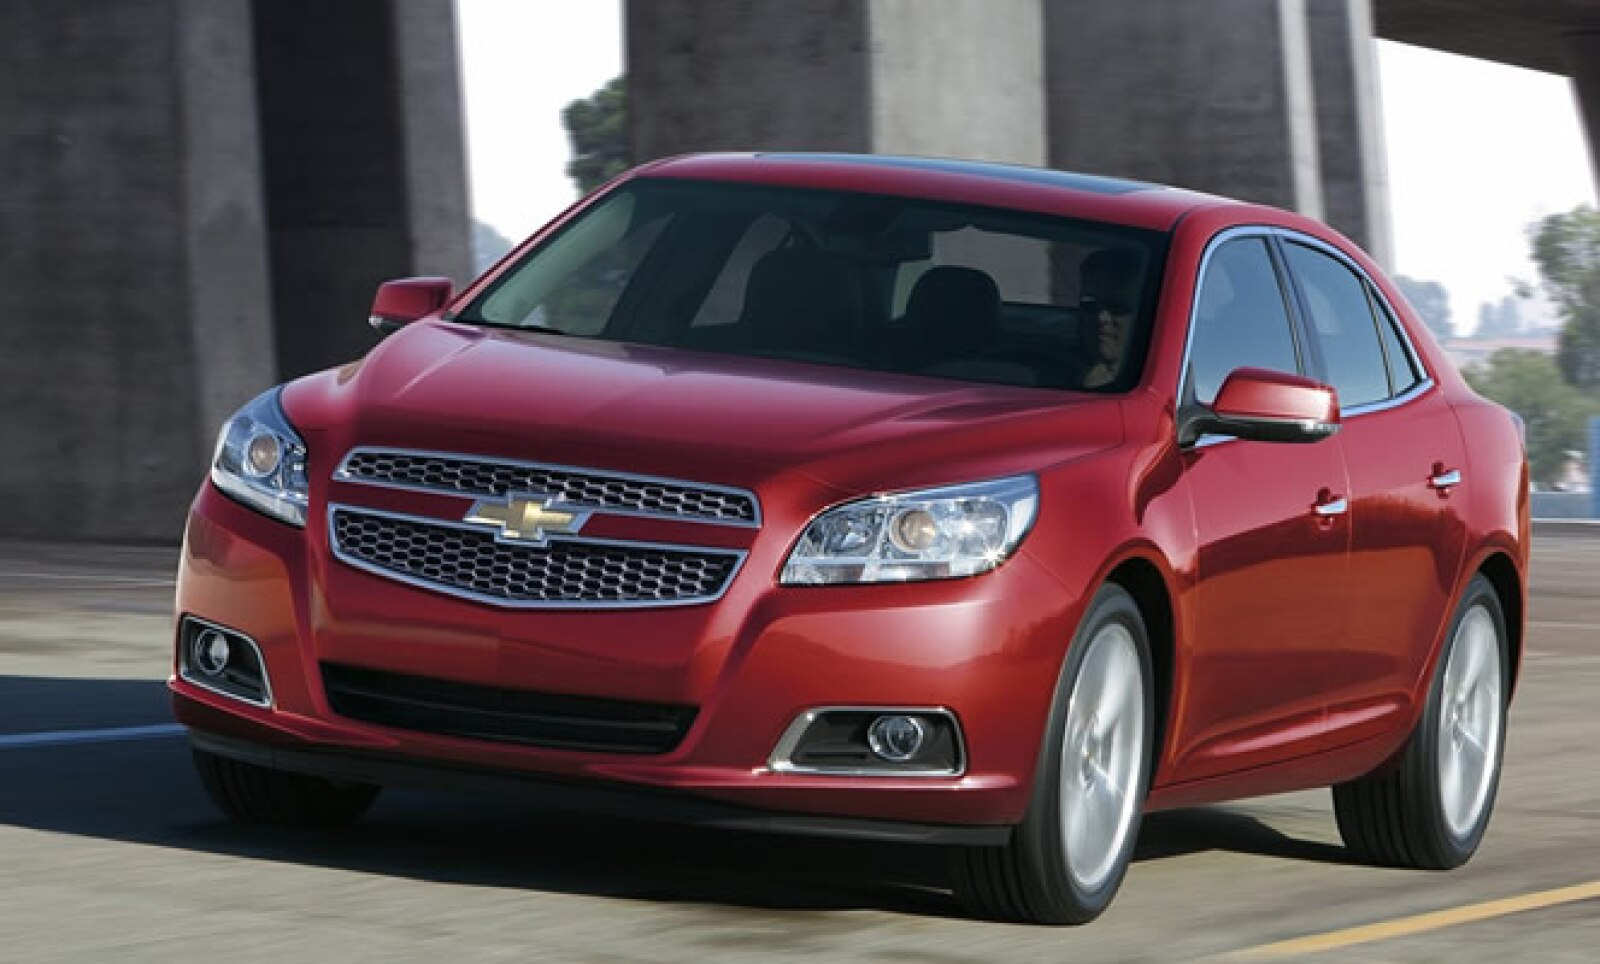 Uno de los modelos más representativos de Chevrolet fue recibido con ánimo por parte de los críticos por el cambio en su parte delantera y un interior más equipado. A la venta a finales de 2011 en Estados Unidos.